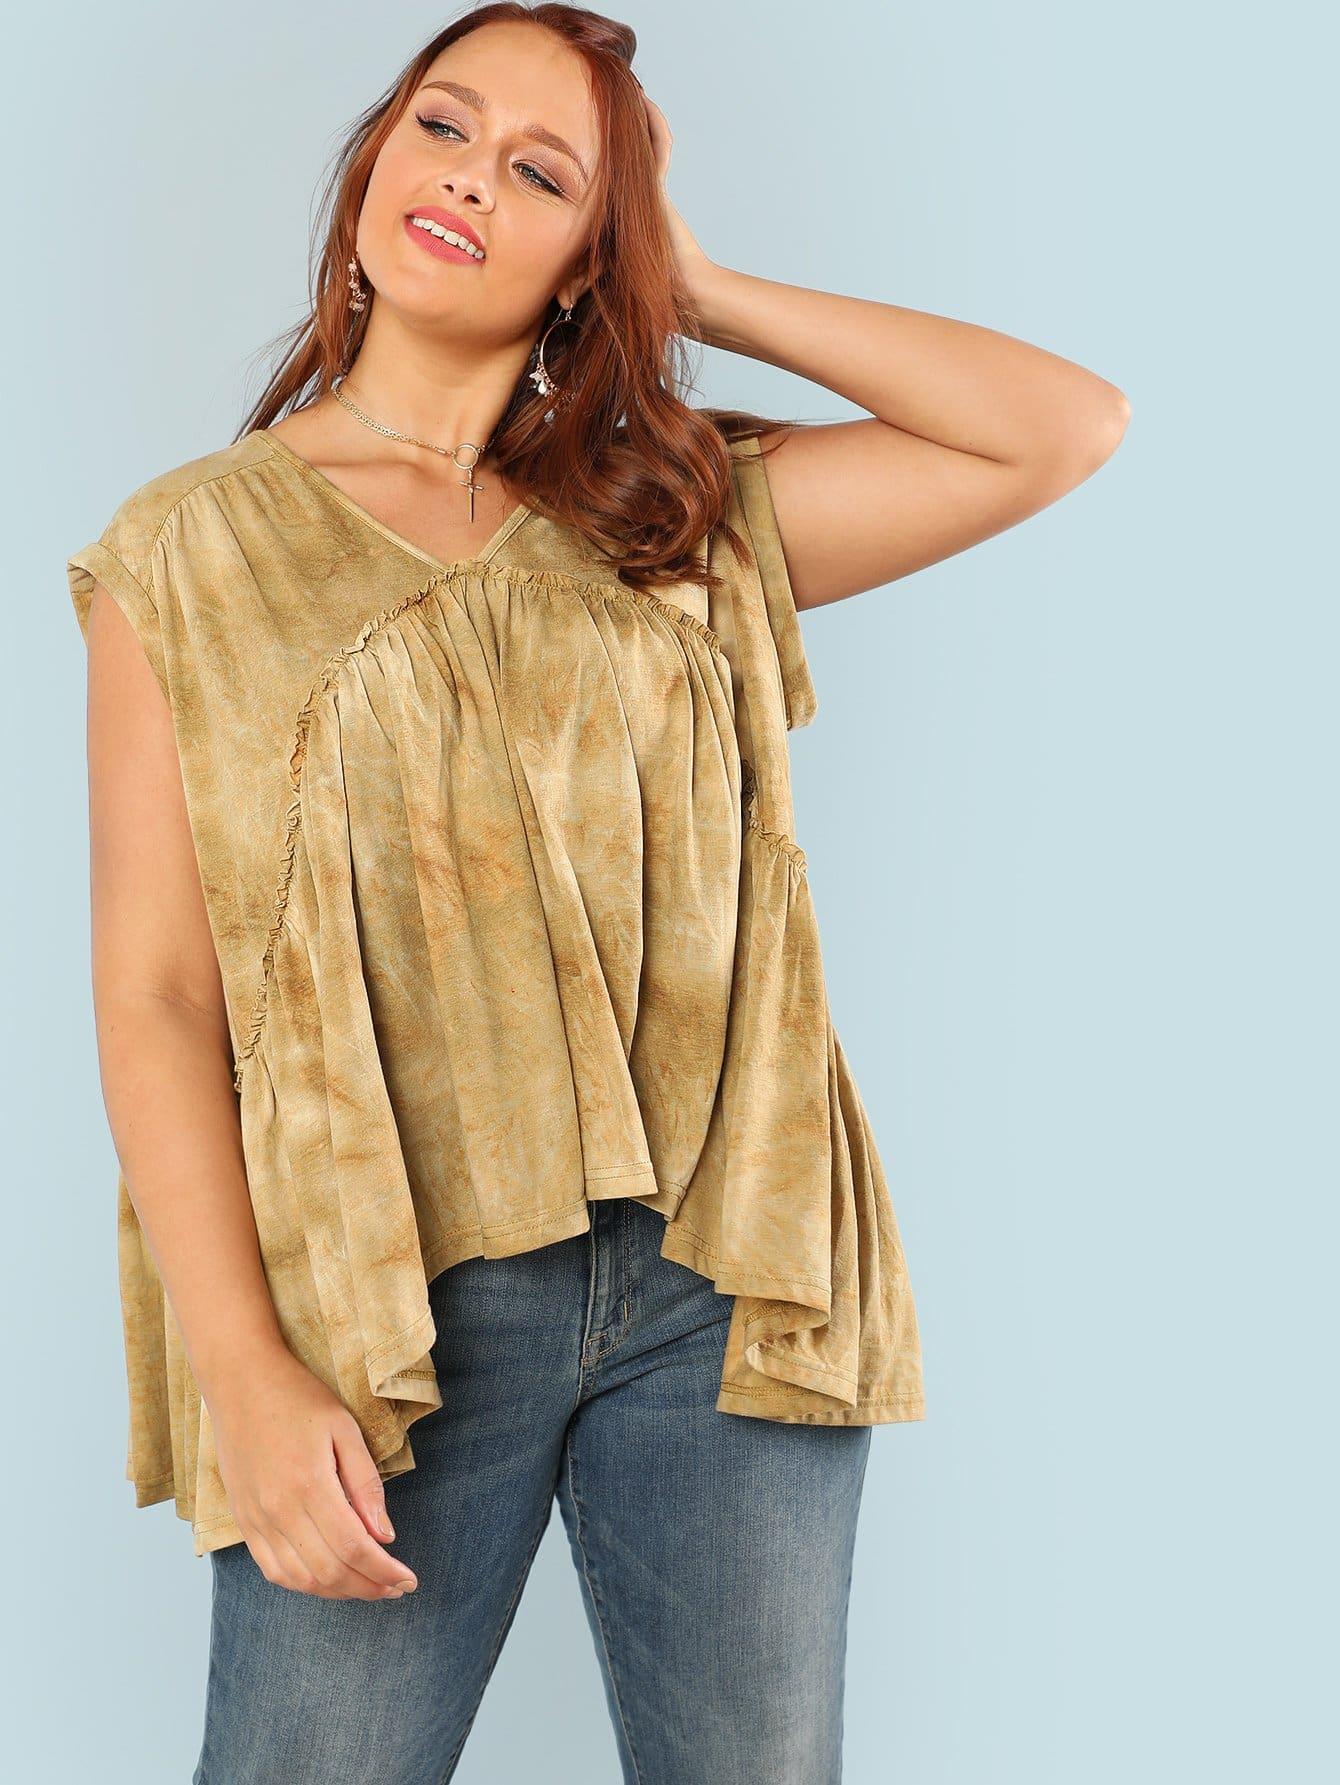 Купить Однотонная футболка с v-образным воротом, Hannah Mavestrand, SheIn